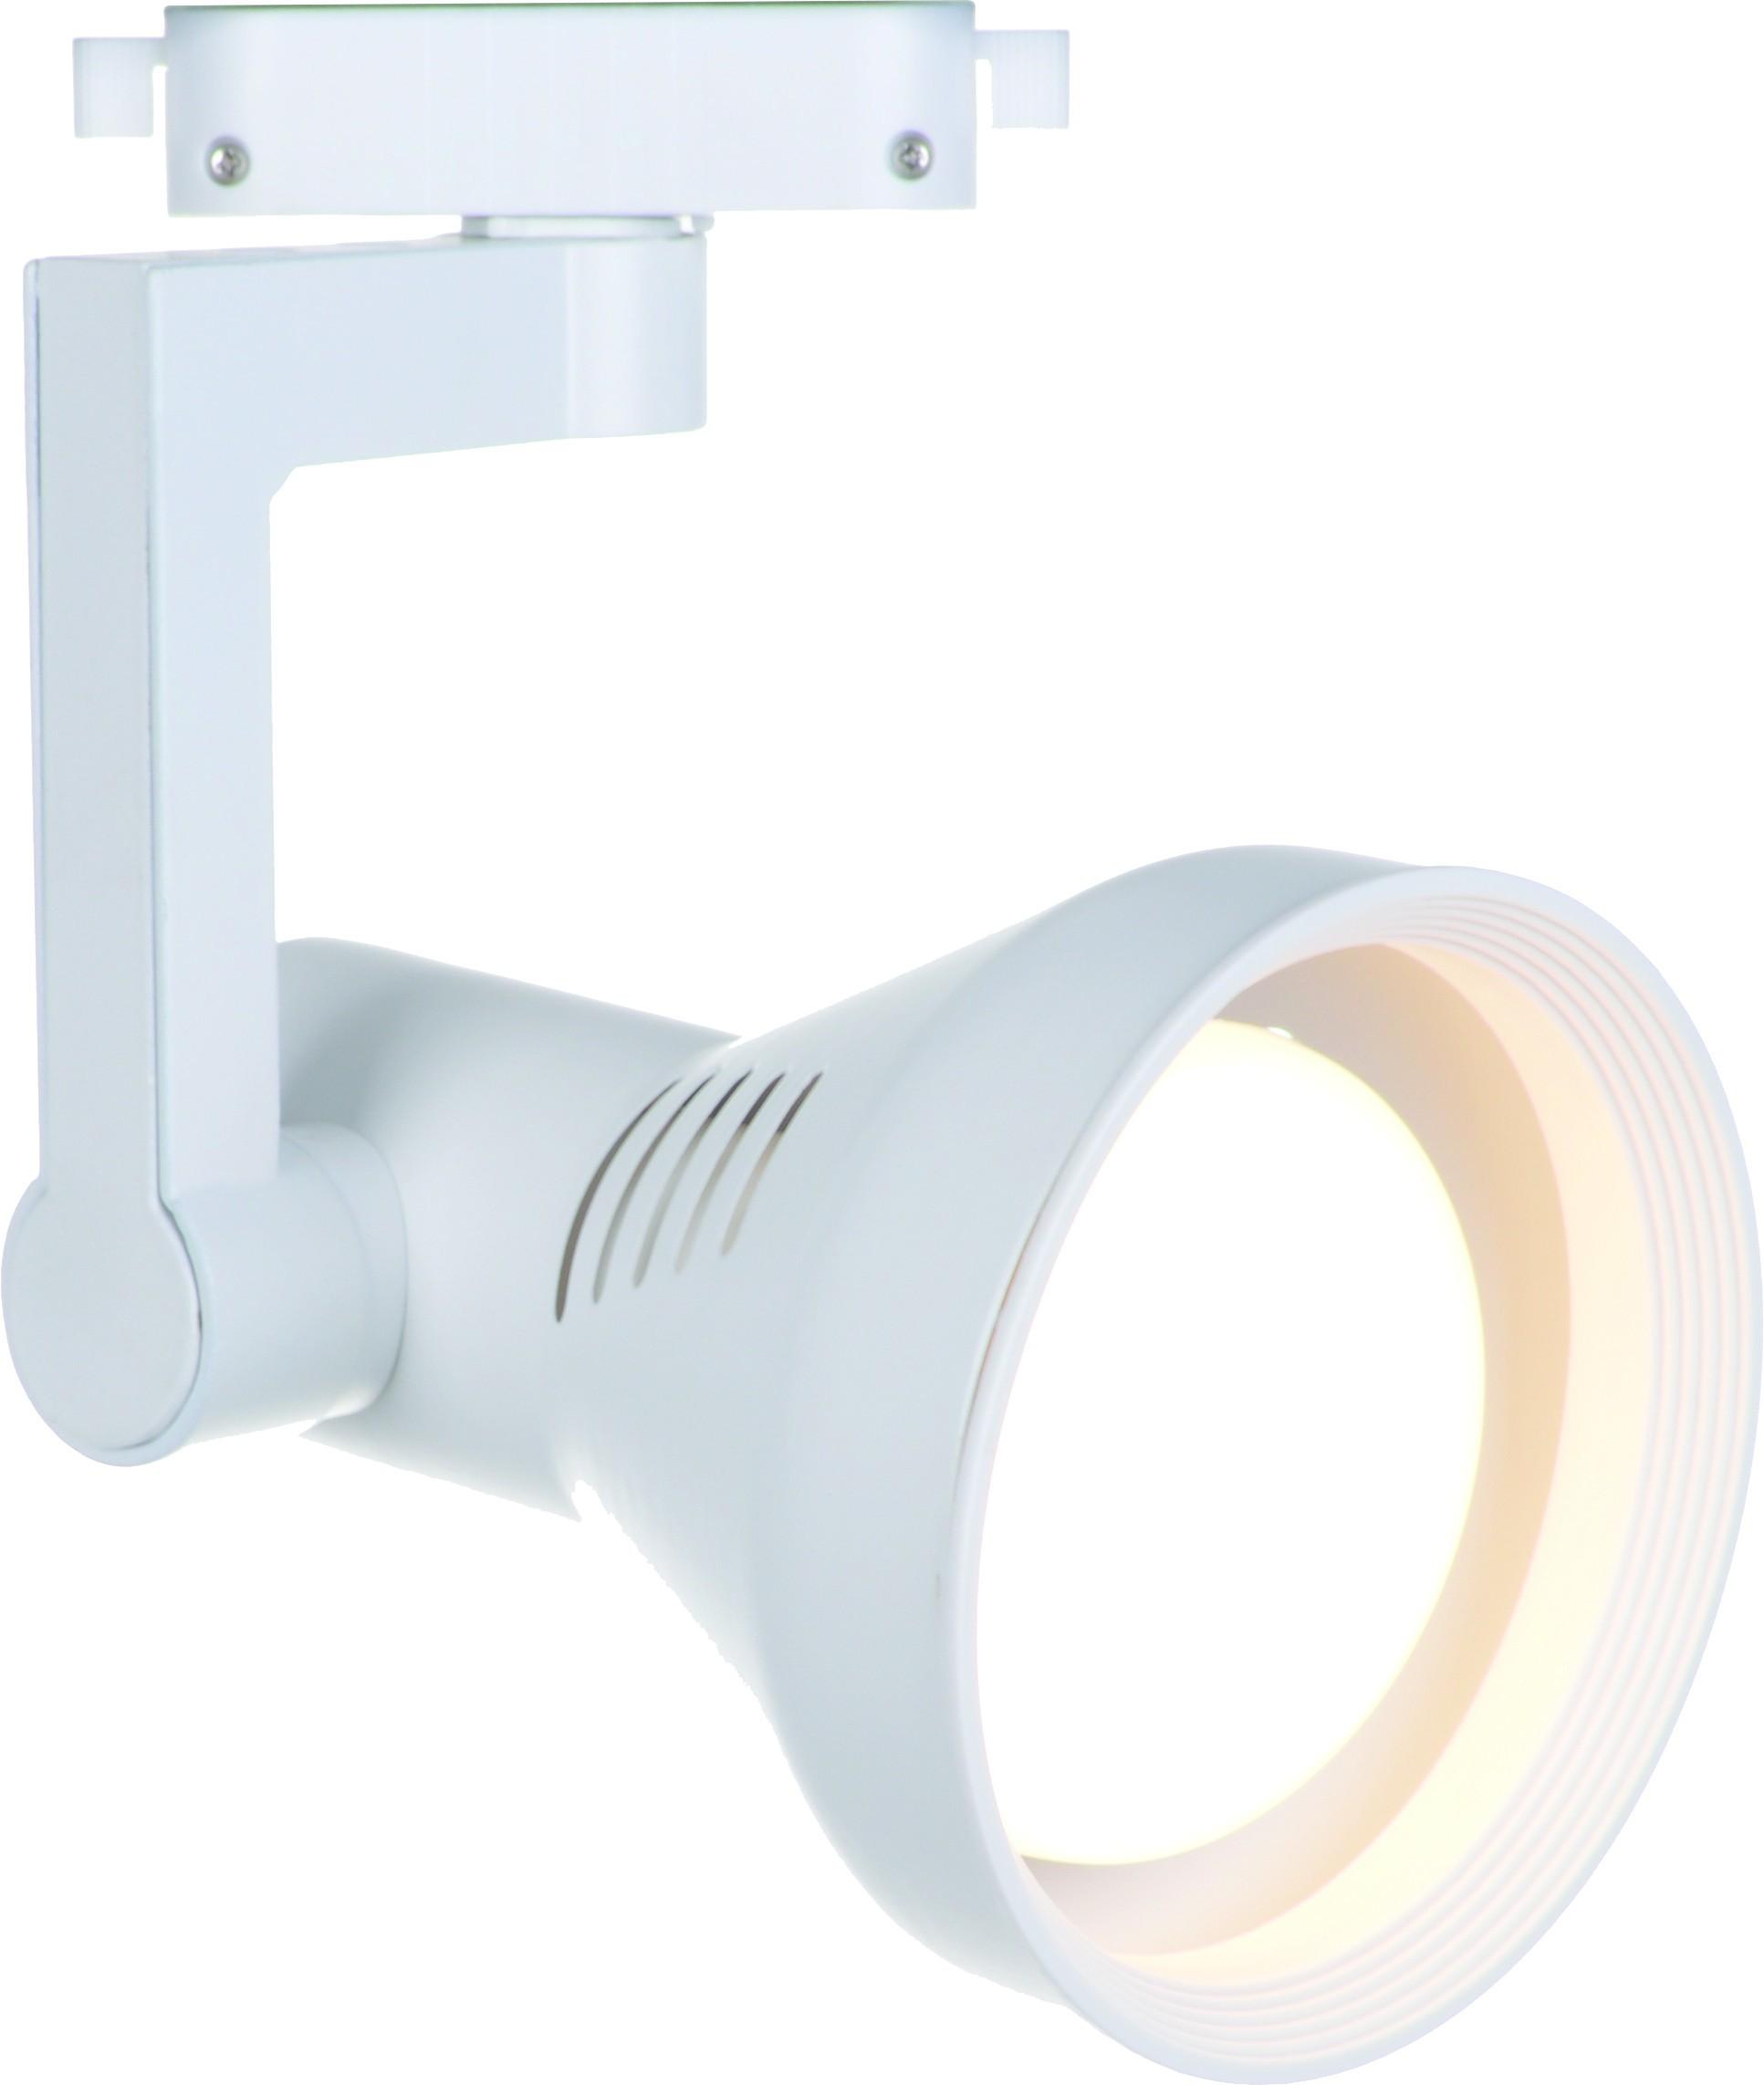 Светильник для шинной системы Arte Lamp Instyle Nido A5109PL-1WH, 1xE27x60W, белый, металл - фото 1